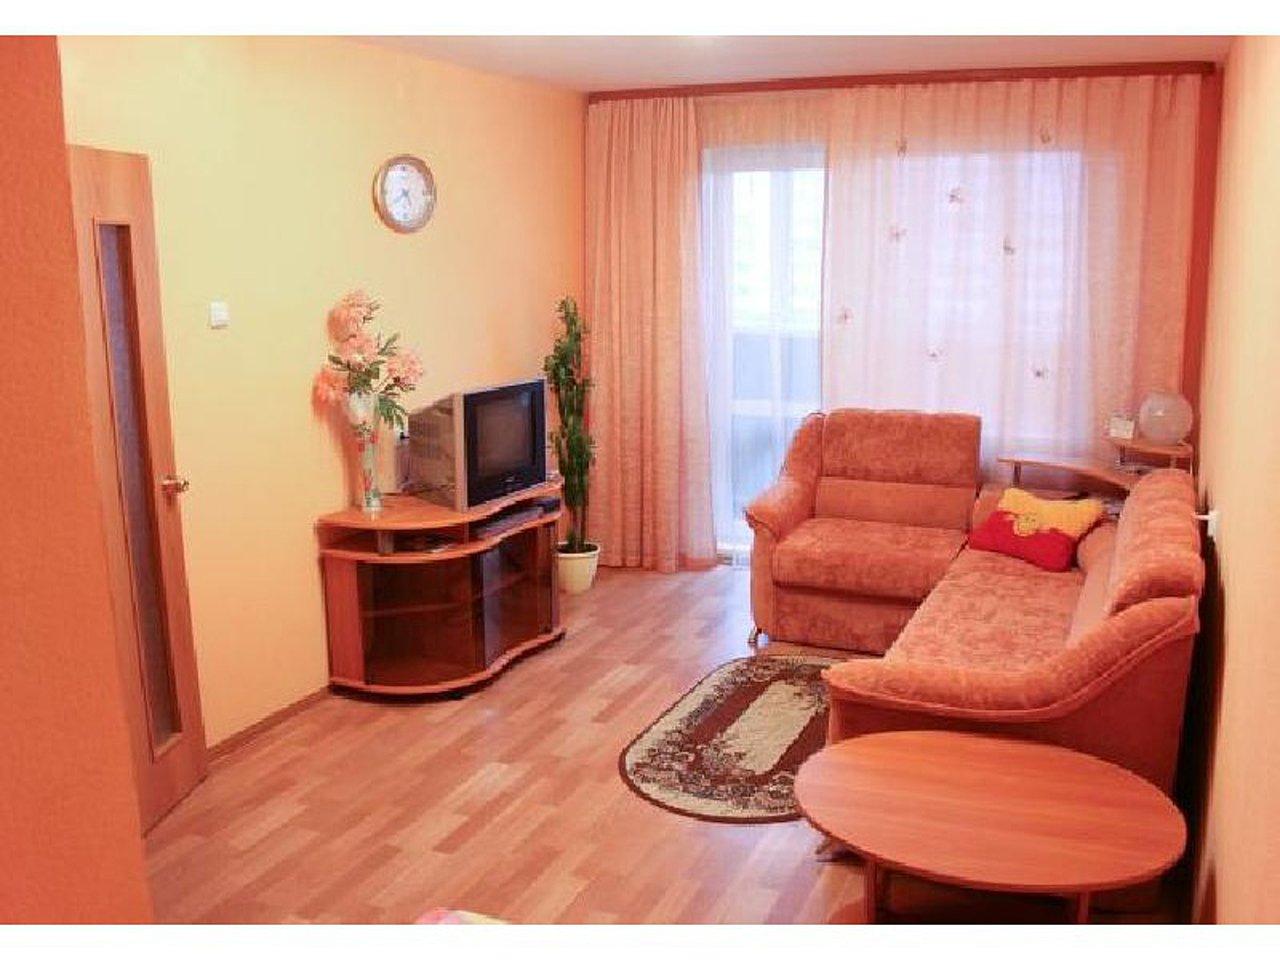 дома снять квартиру ы королеве однушку гостиницы, фотографии, русские